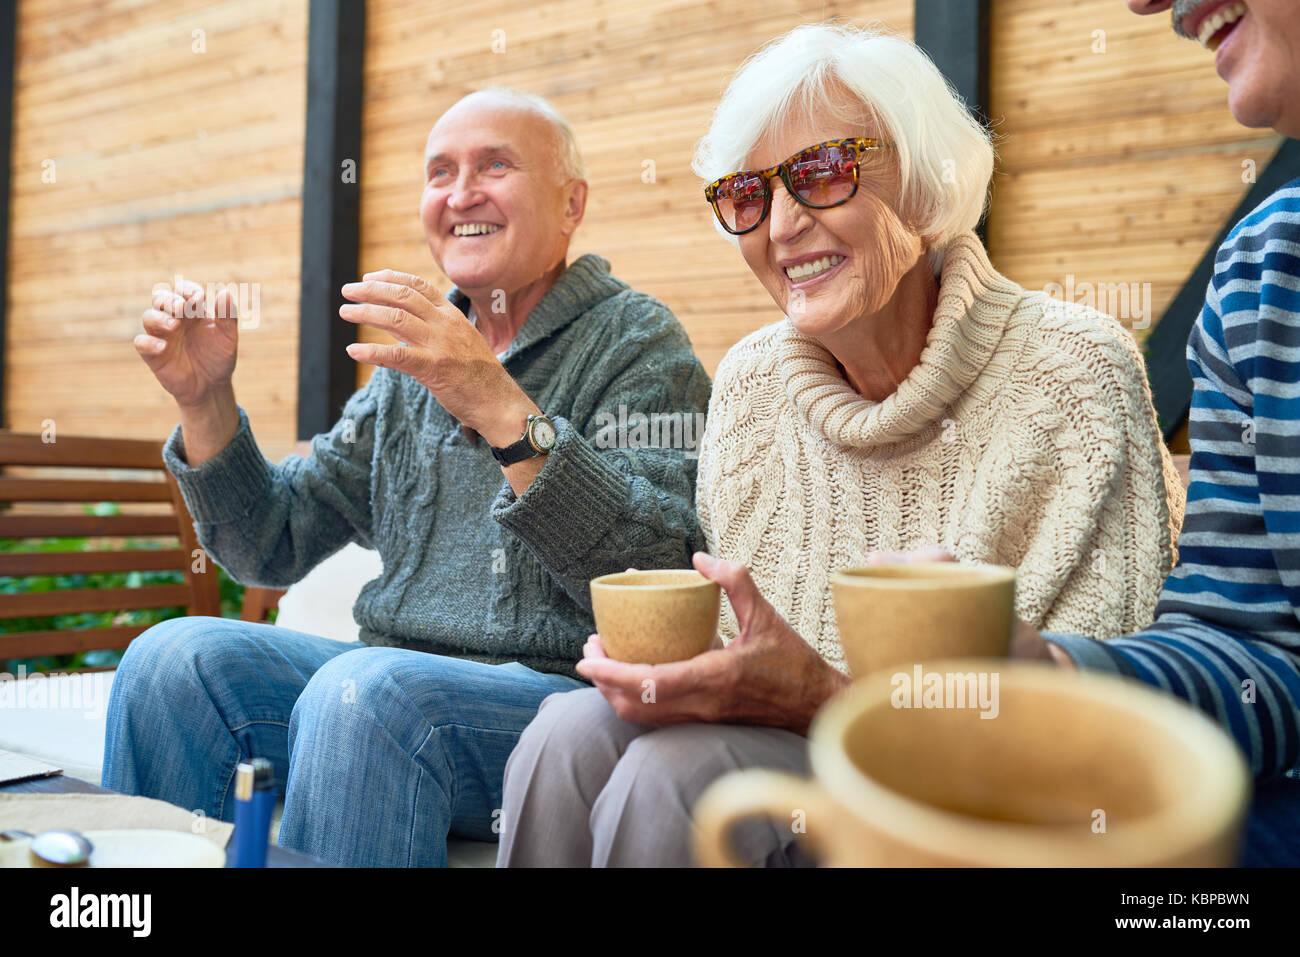 Freundliche ältere Freunde zusammen in der gemütlichen kleinen Terrasse versammelt und erinnern lustige Stockbild